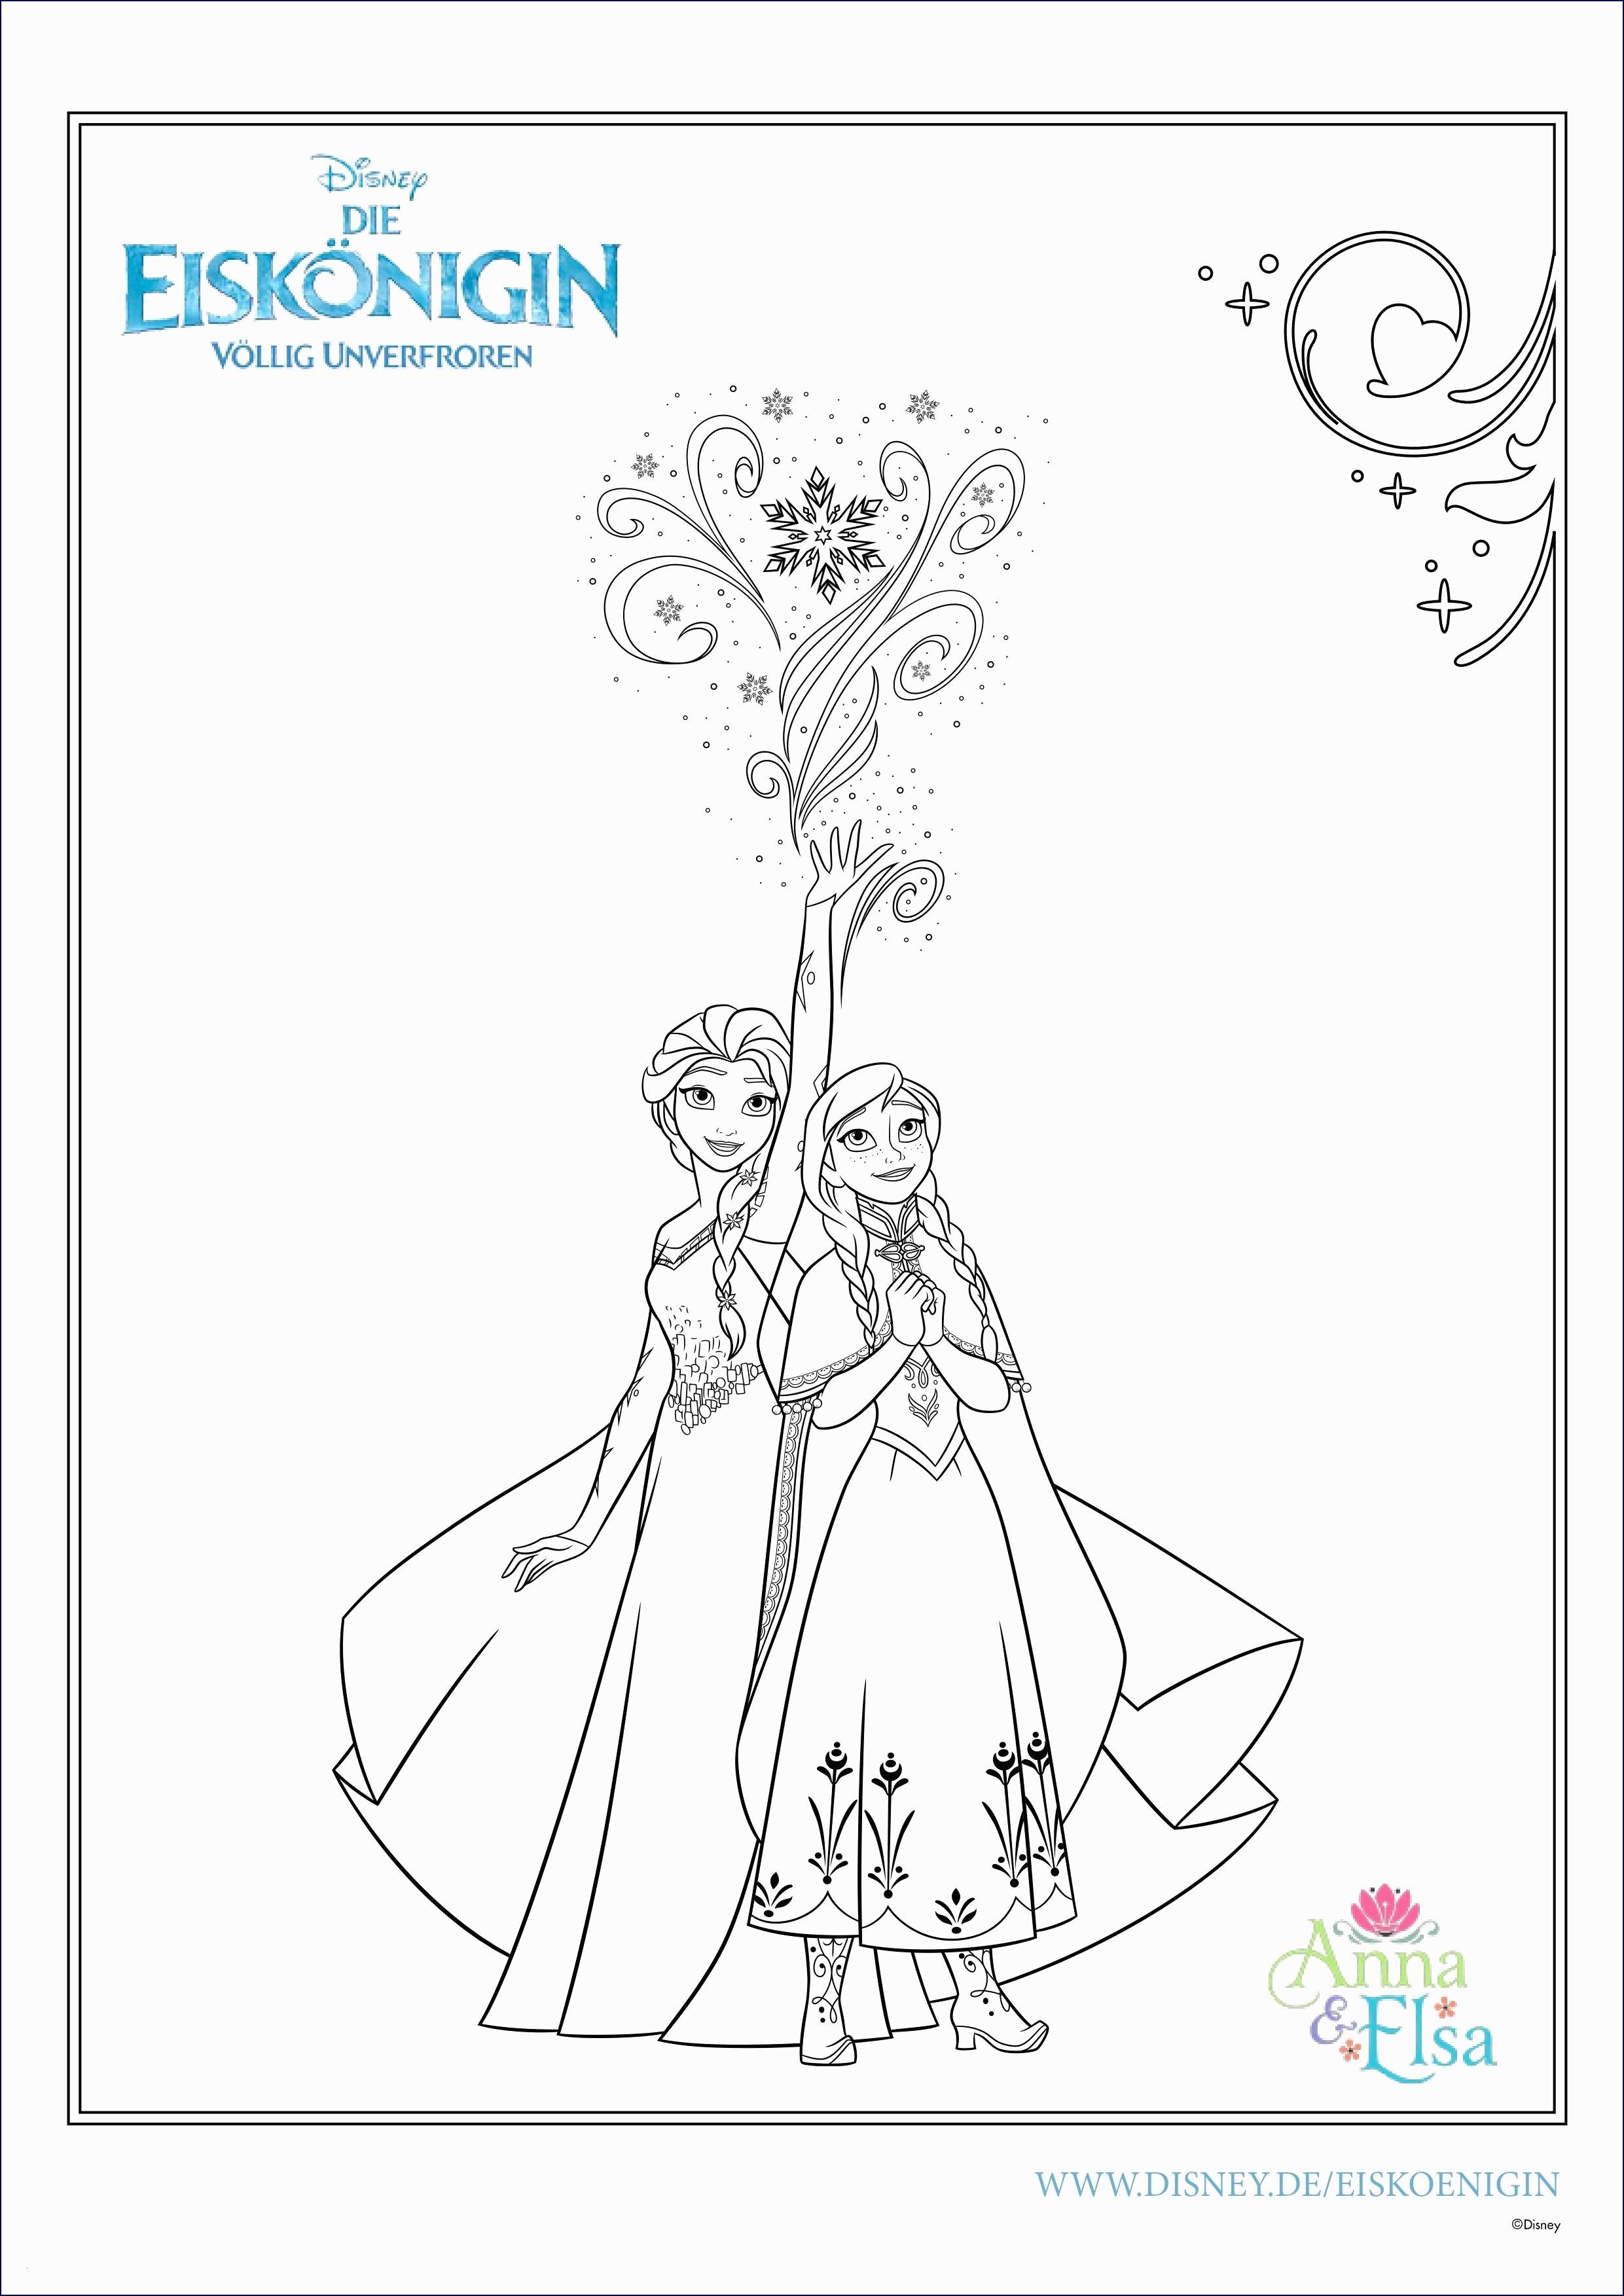 Ausmalbilder Elsa Und Anna Zum Ausdrucken Das Beste Von Elsa Zum Ausmalen Meilleur De Bilder Zum Ausmalen Bekommen Elsa Fotografieren